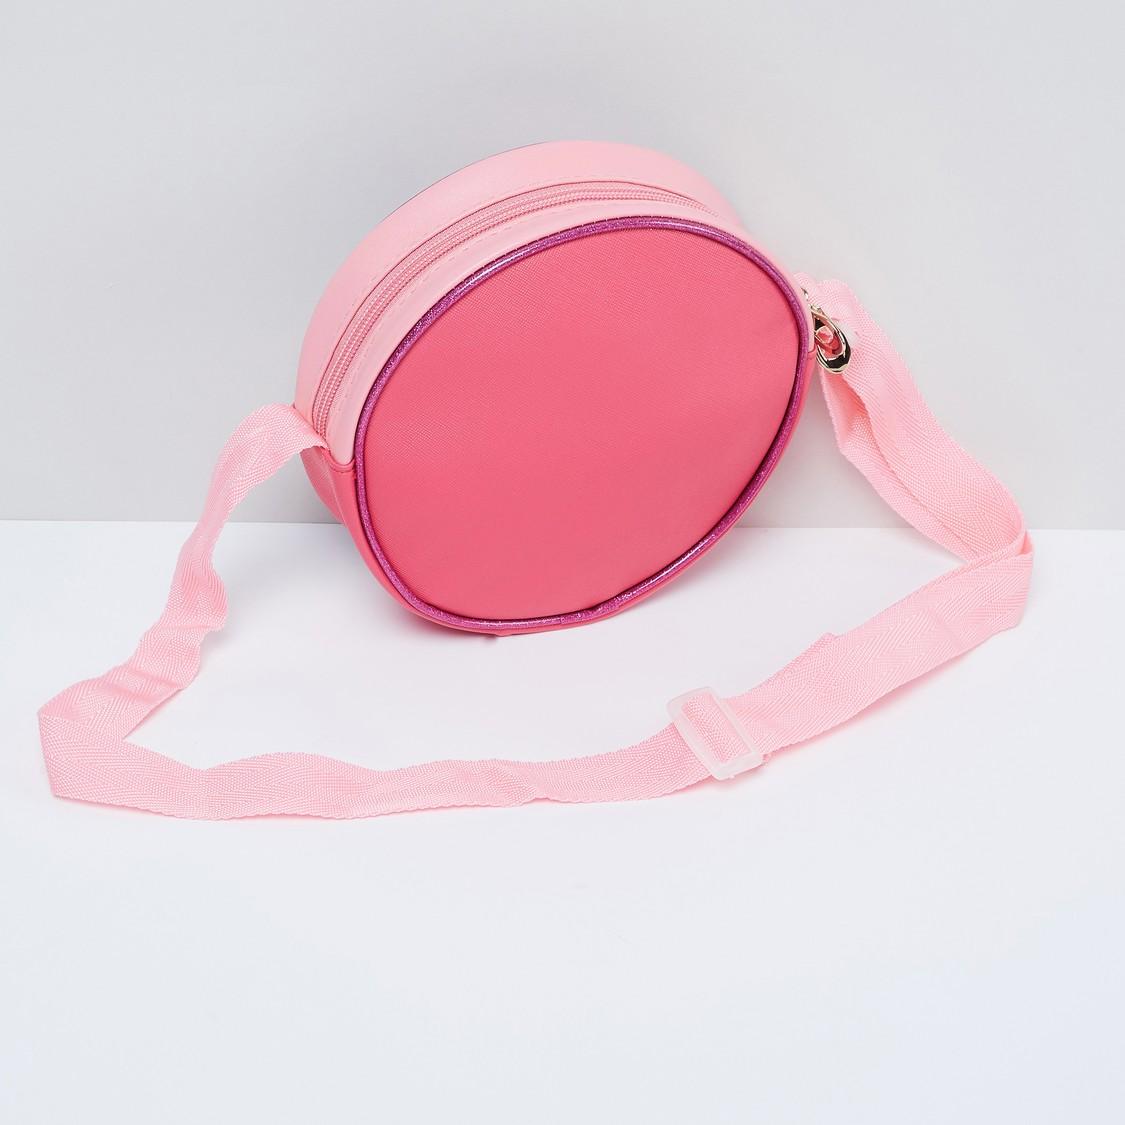 MAX Disney Princess Print Circular Sling Bag